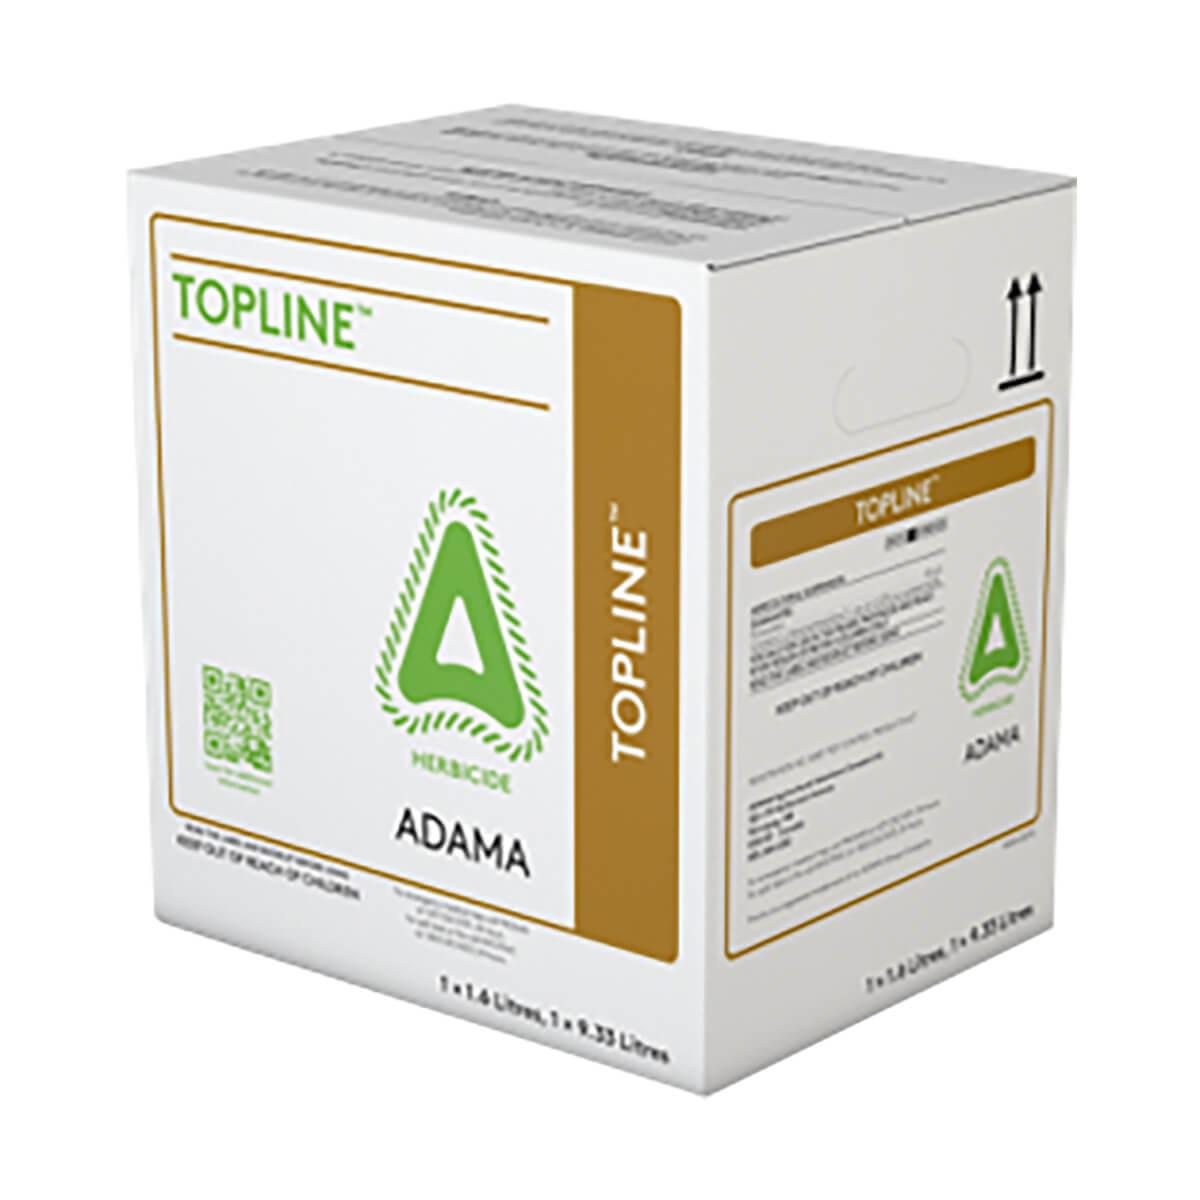 TOPLINE - 1.6L + 9.33L Case